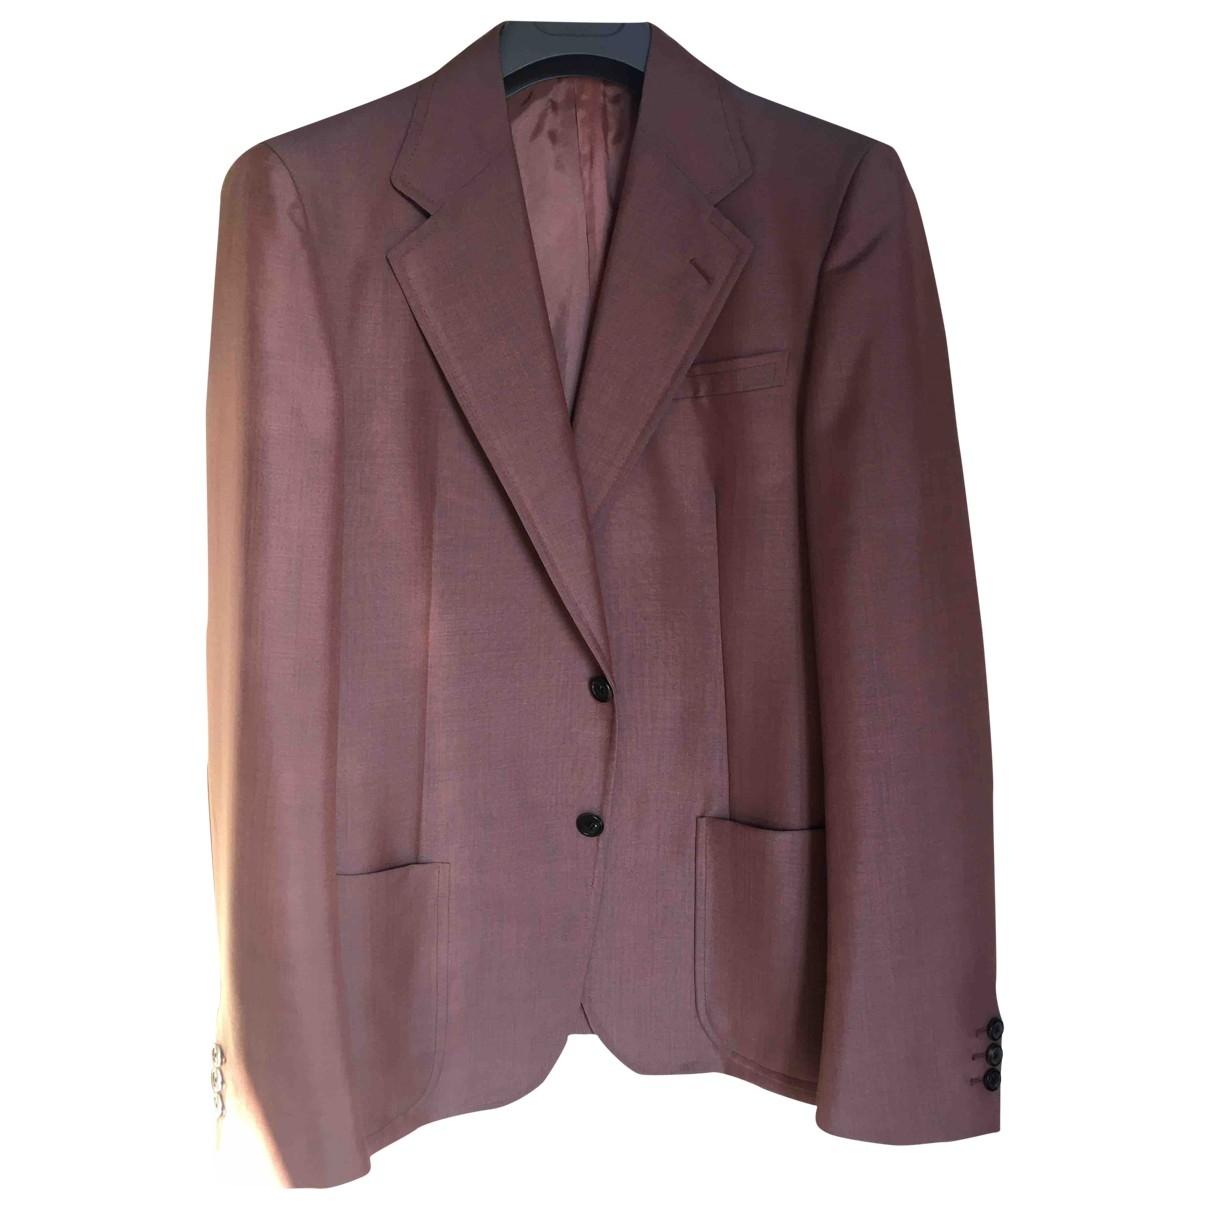 Prada - Vestes.Blousons   pour homme en laine - rose